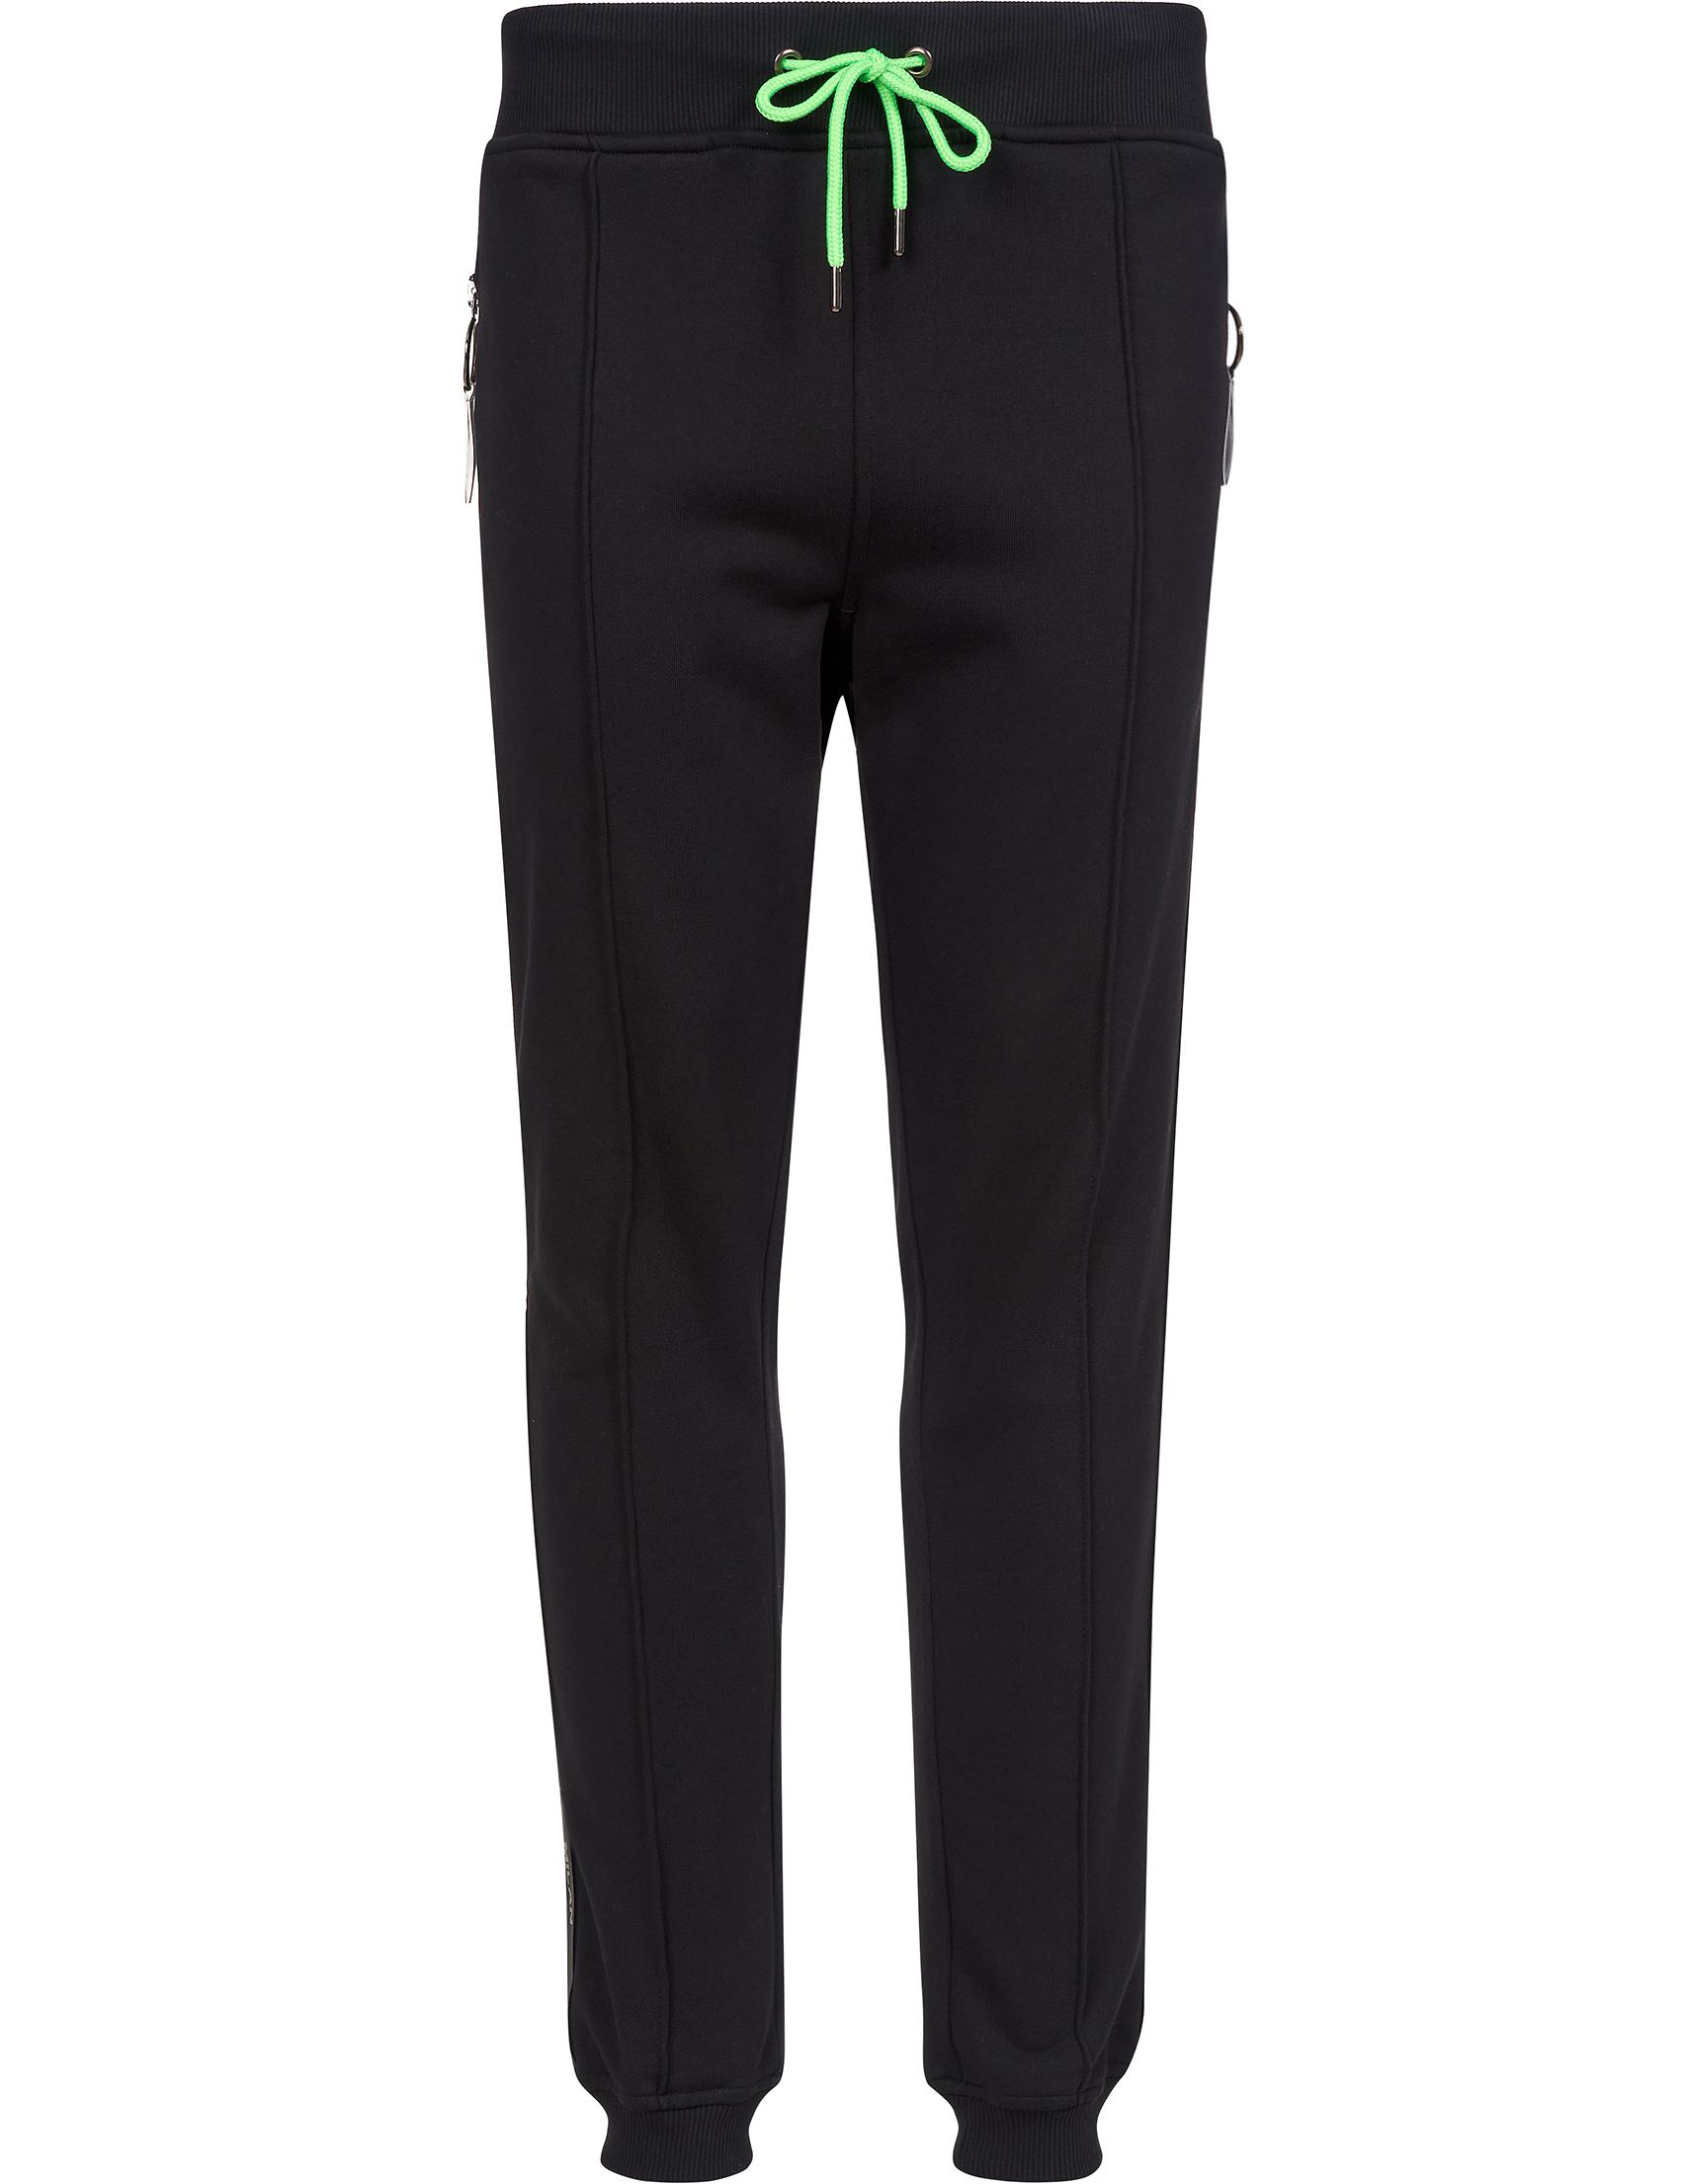 Купить Спортивные брюки, FRANKIE MORELLO, Черный, 100%Хлопок, Осень-Зима